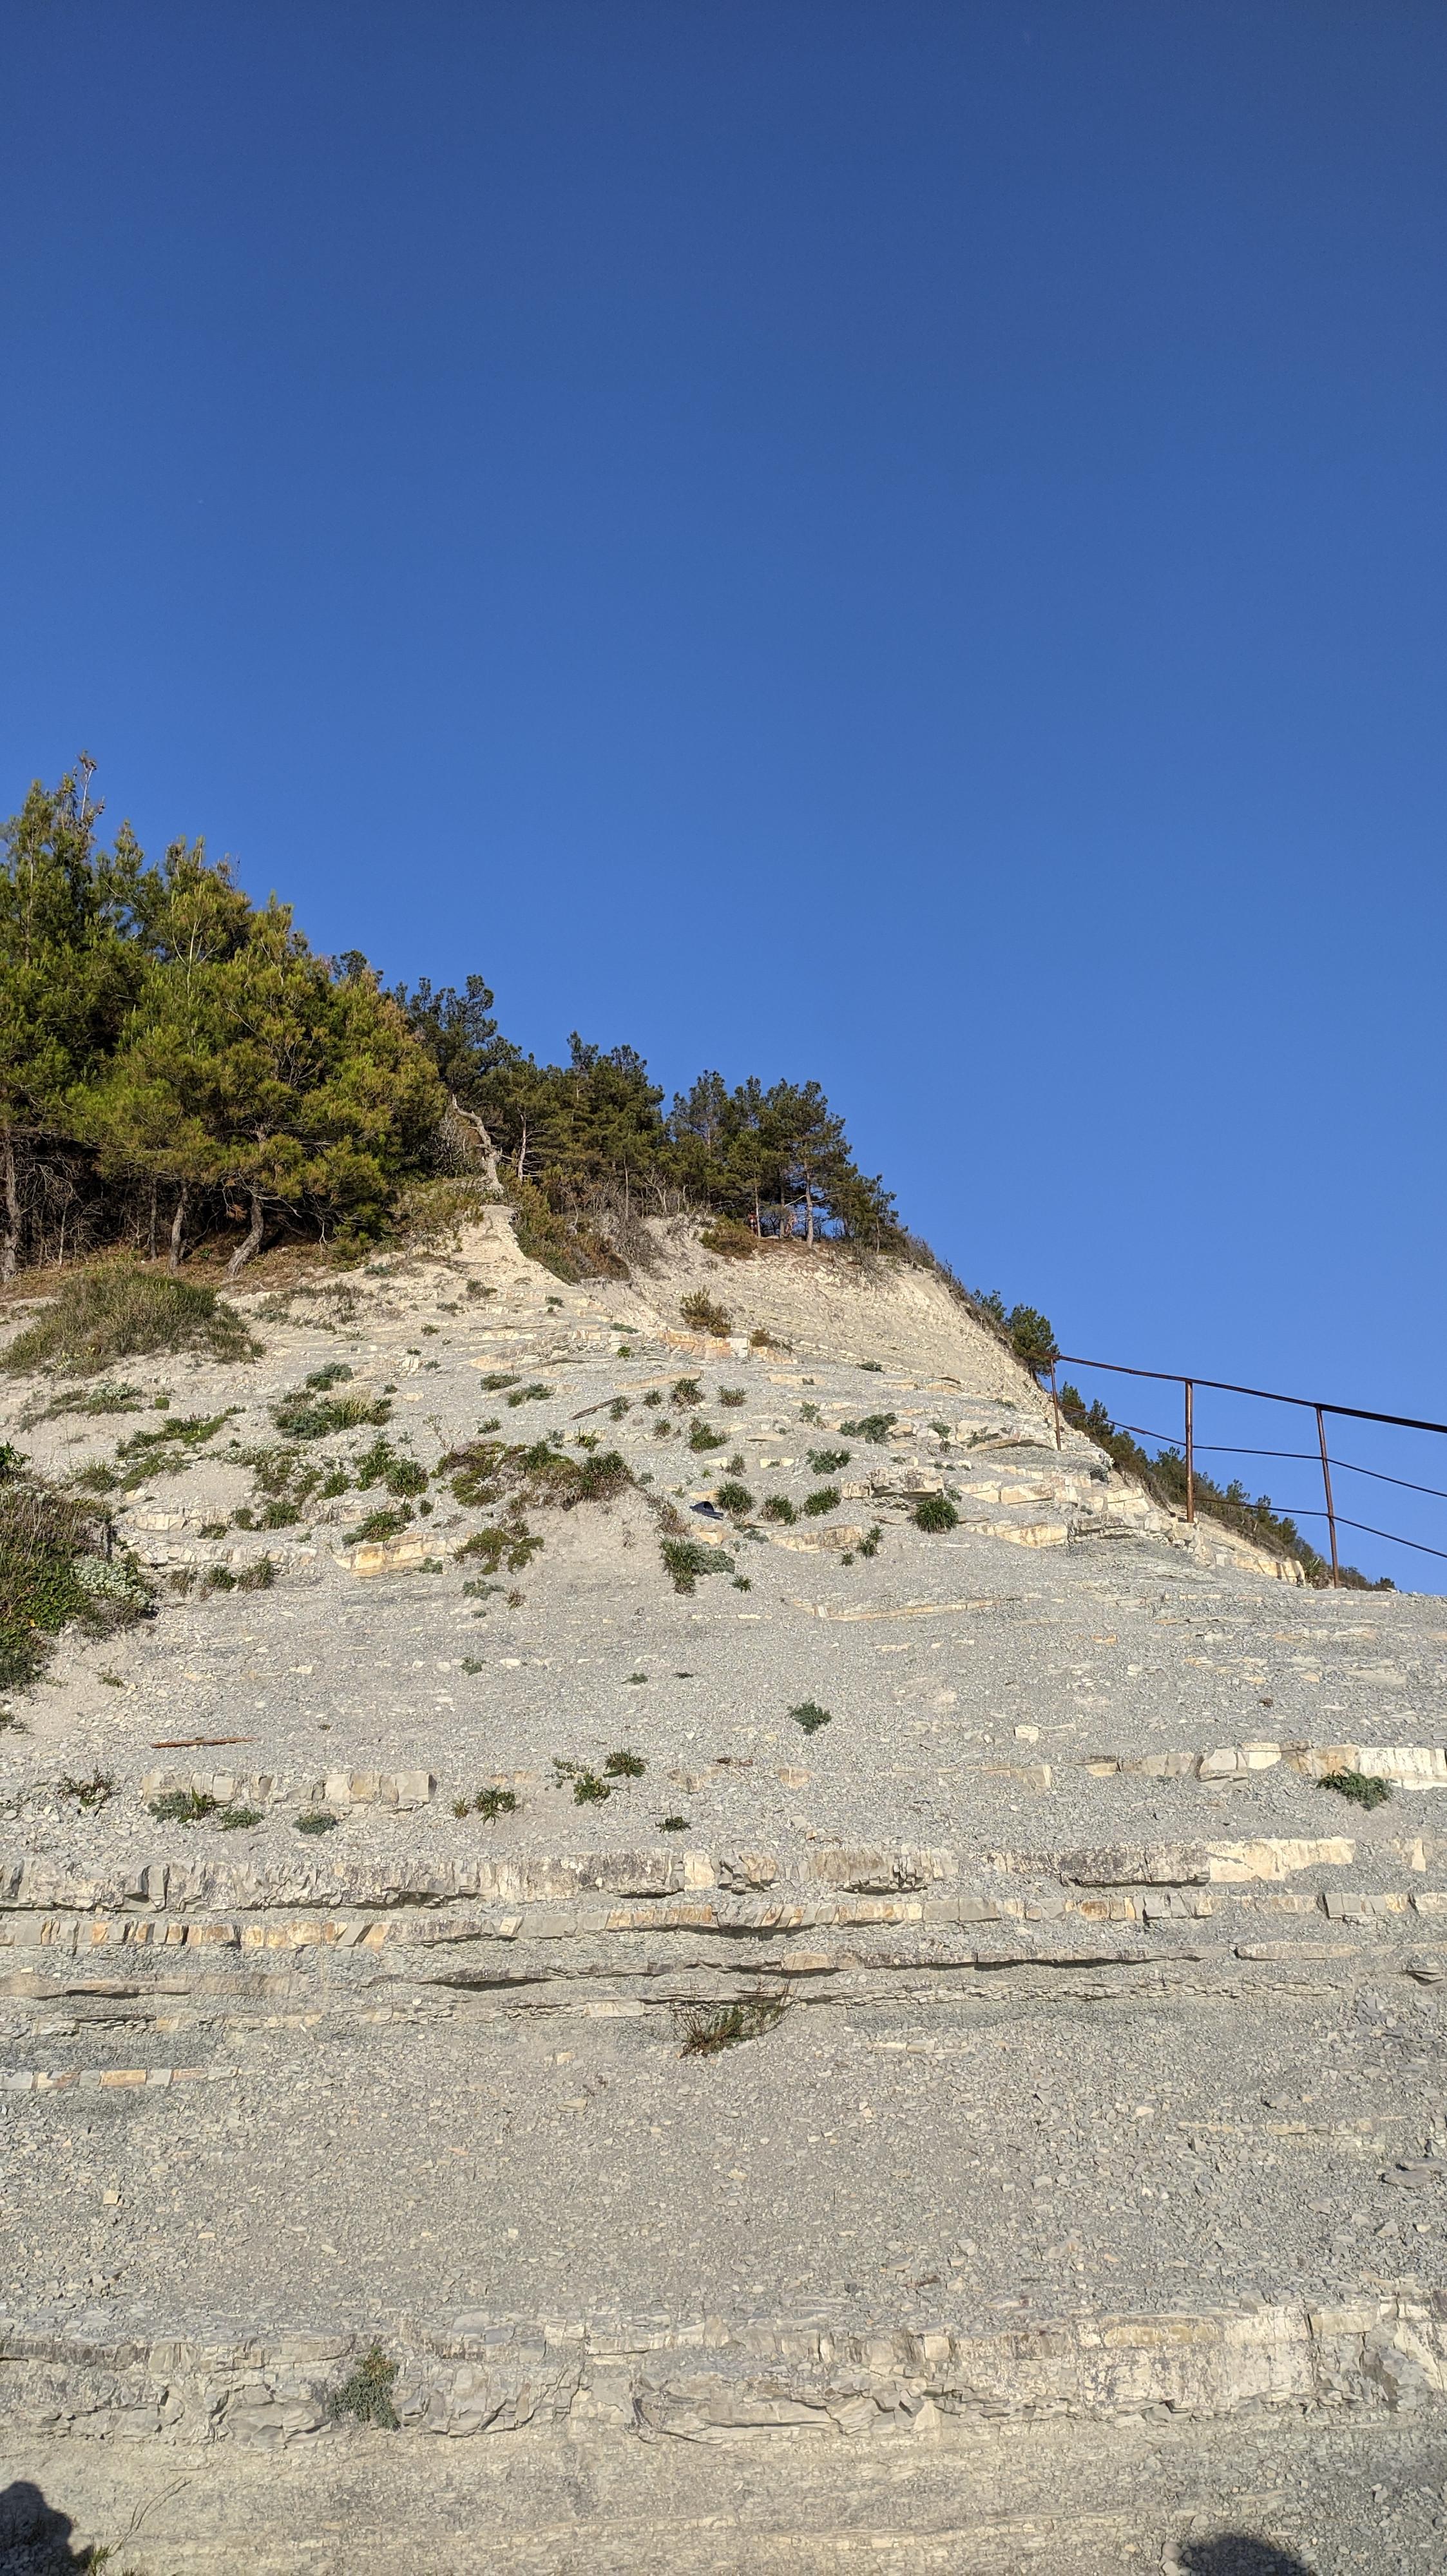 фото дикий пляж Сосновка, Геленджик